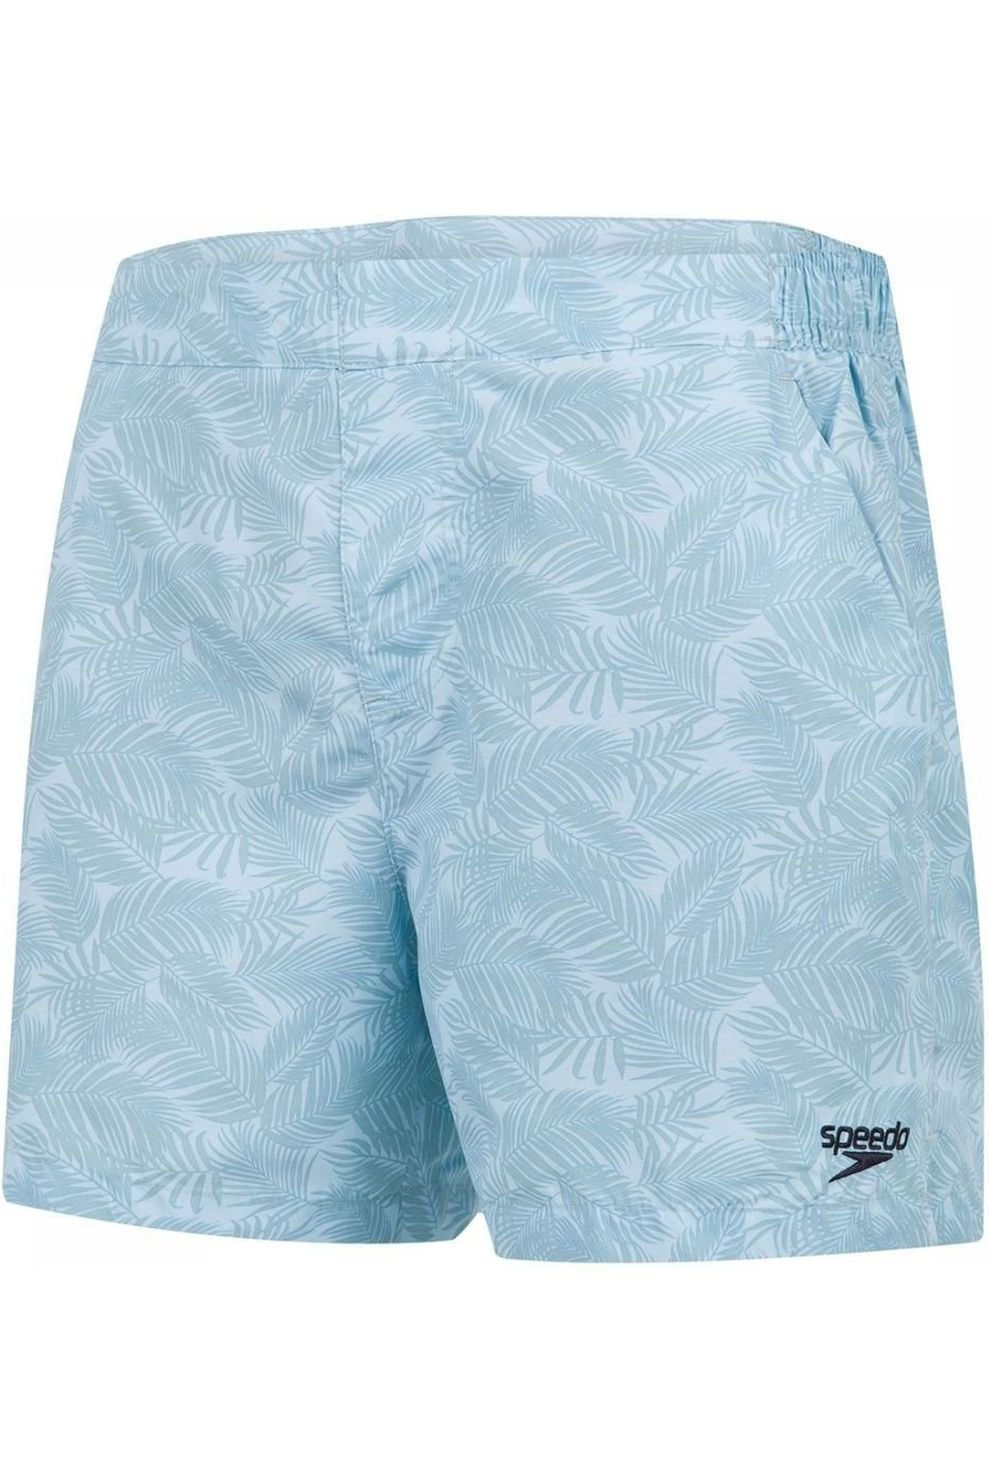 Speedo Zwemshort Vintage Leisure 14 voor heren - Blauw - Maten: S, M, L, XL, XXL